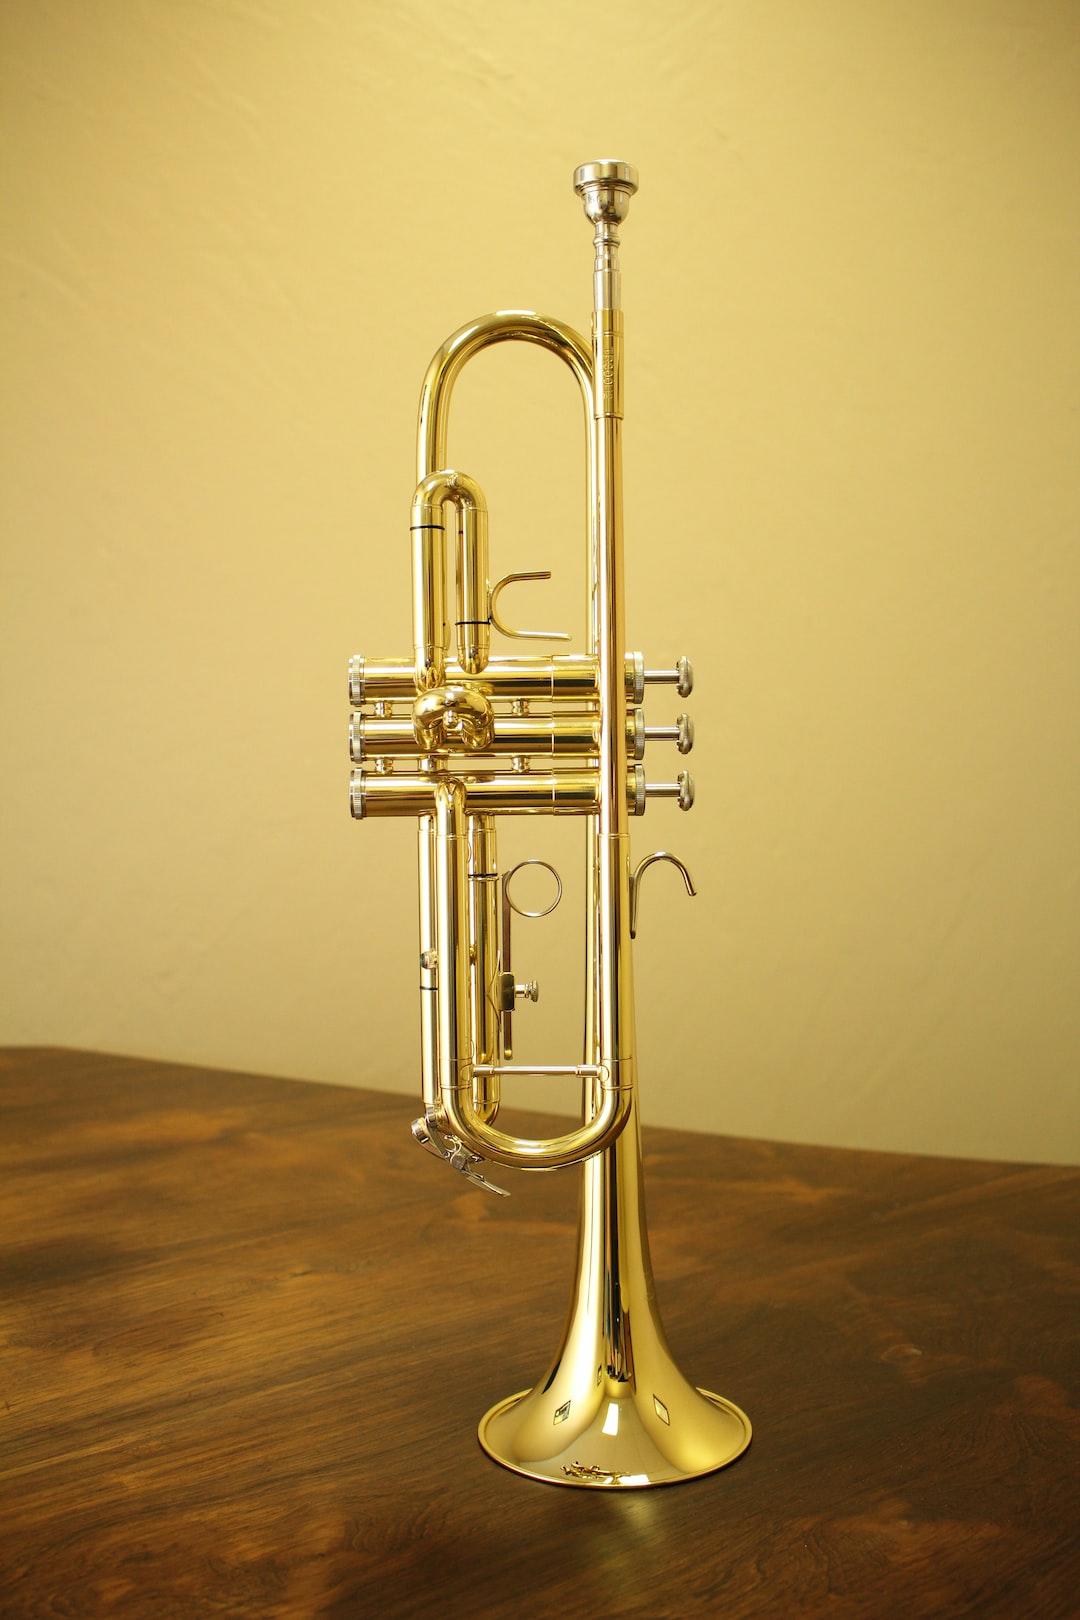 Trumpet on edge.